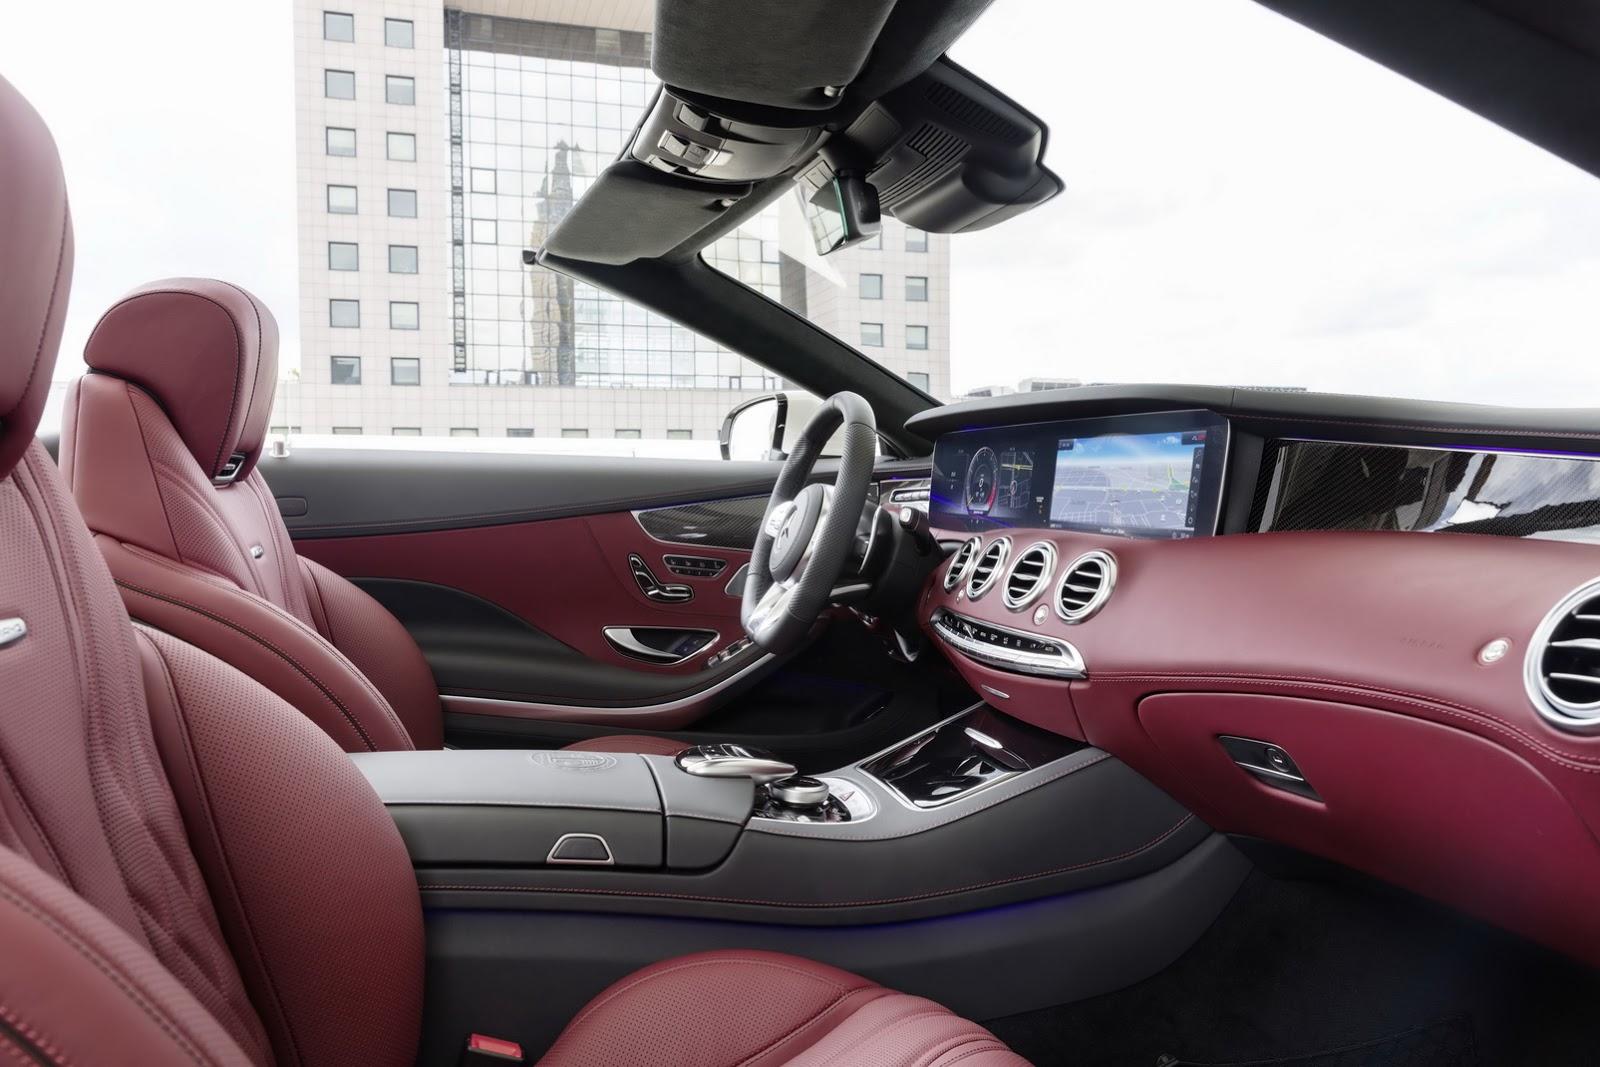 Xe++ - Mercedes-Benz S-Class Cabriolet tại thị trường Anh giá từ 3,5 tỷ đồng (Hình 5).